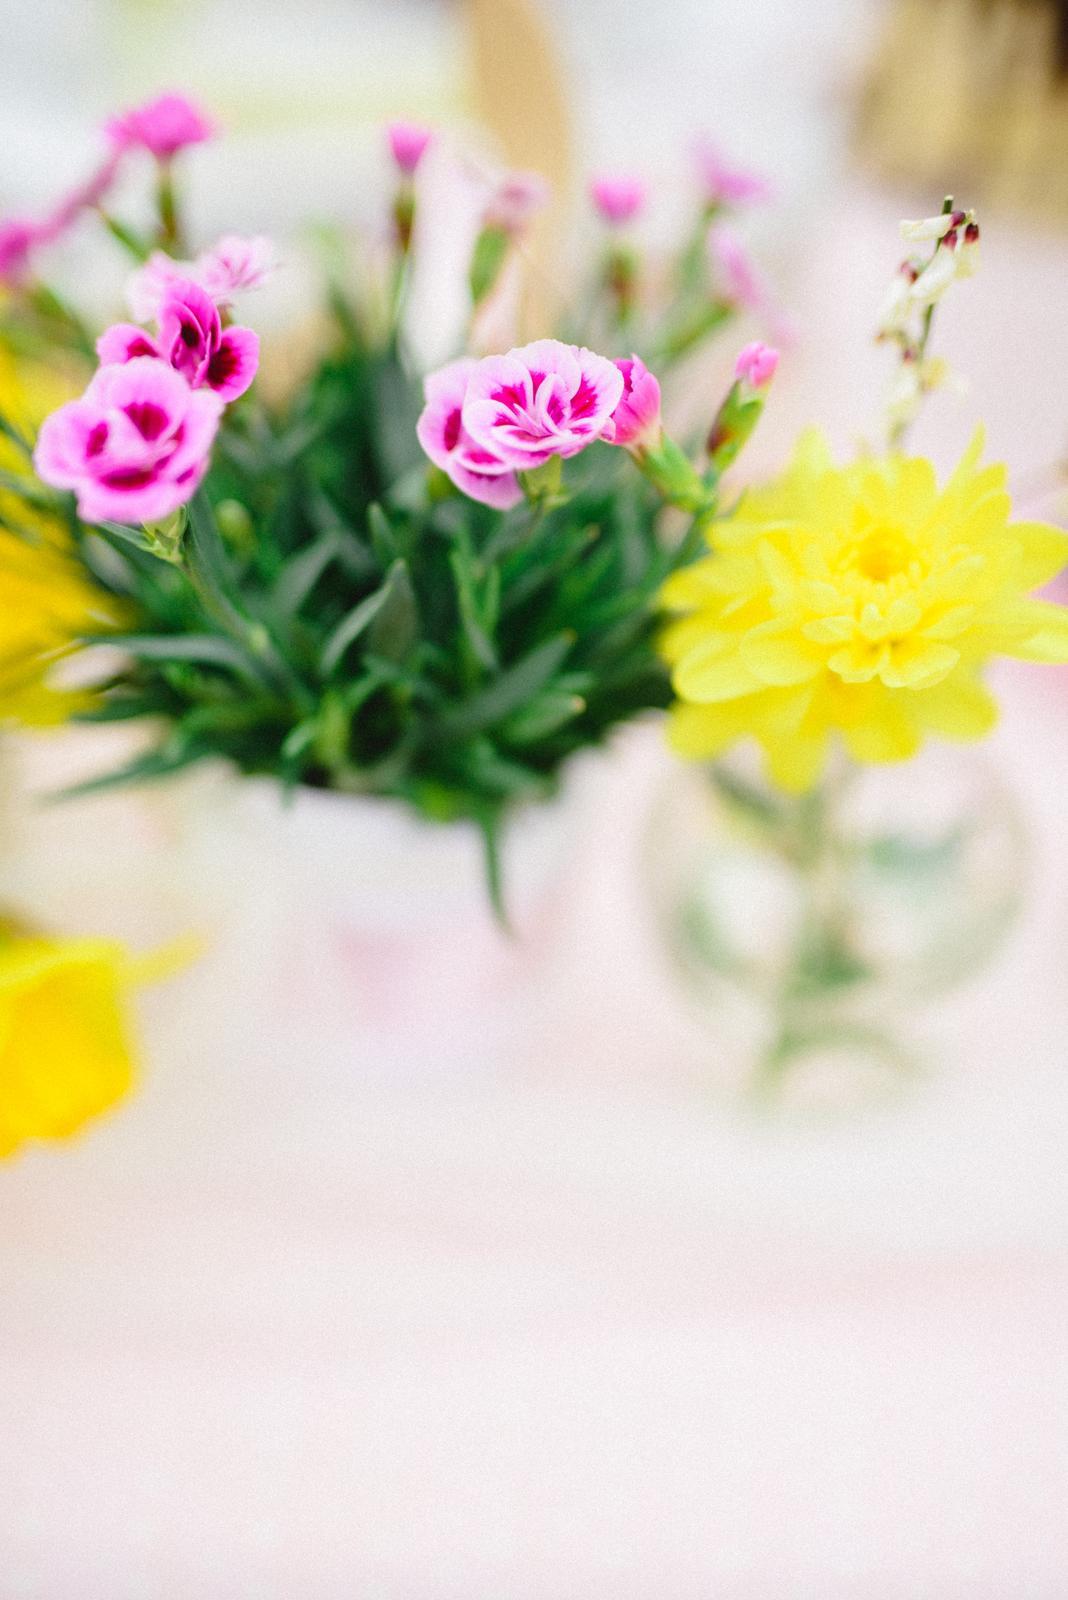 Jarné rande foto - moja srdcová záležitosť a hobby :) - Obrázok č. 17